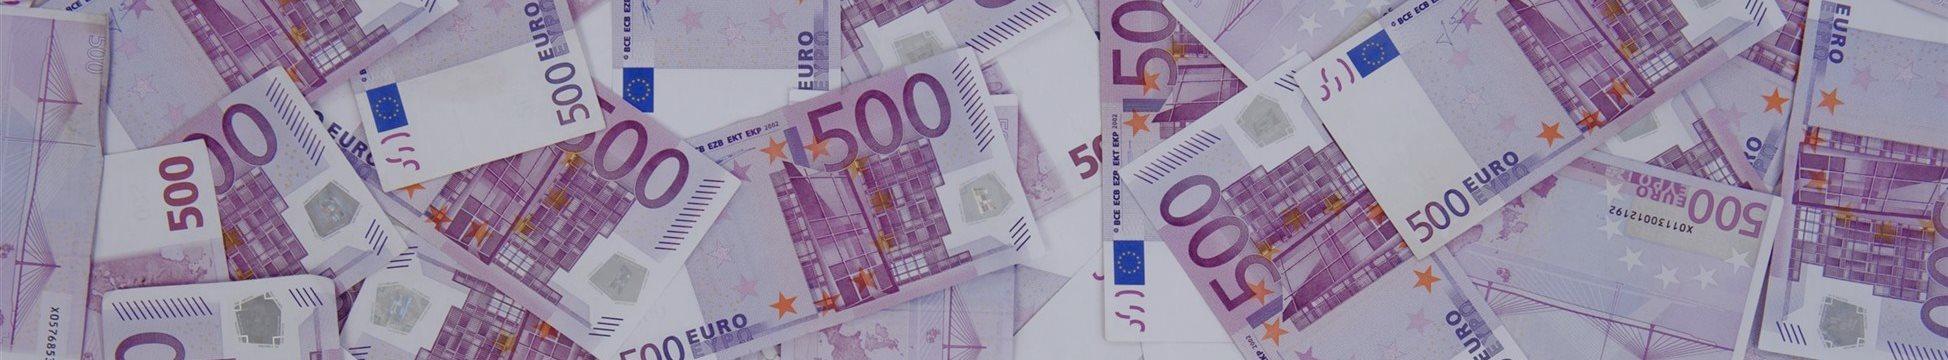 Европейские рынки в целом позитивны благодаря статистике еврозоны